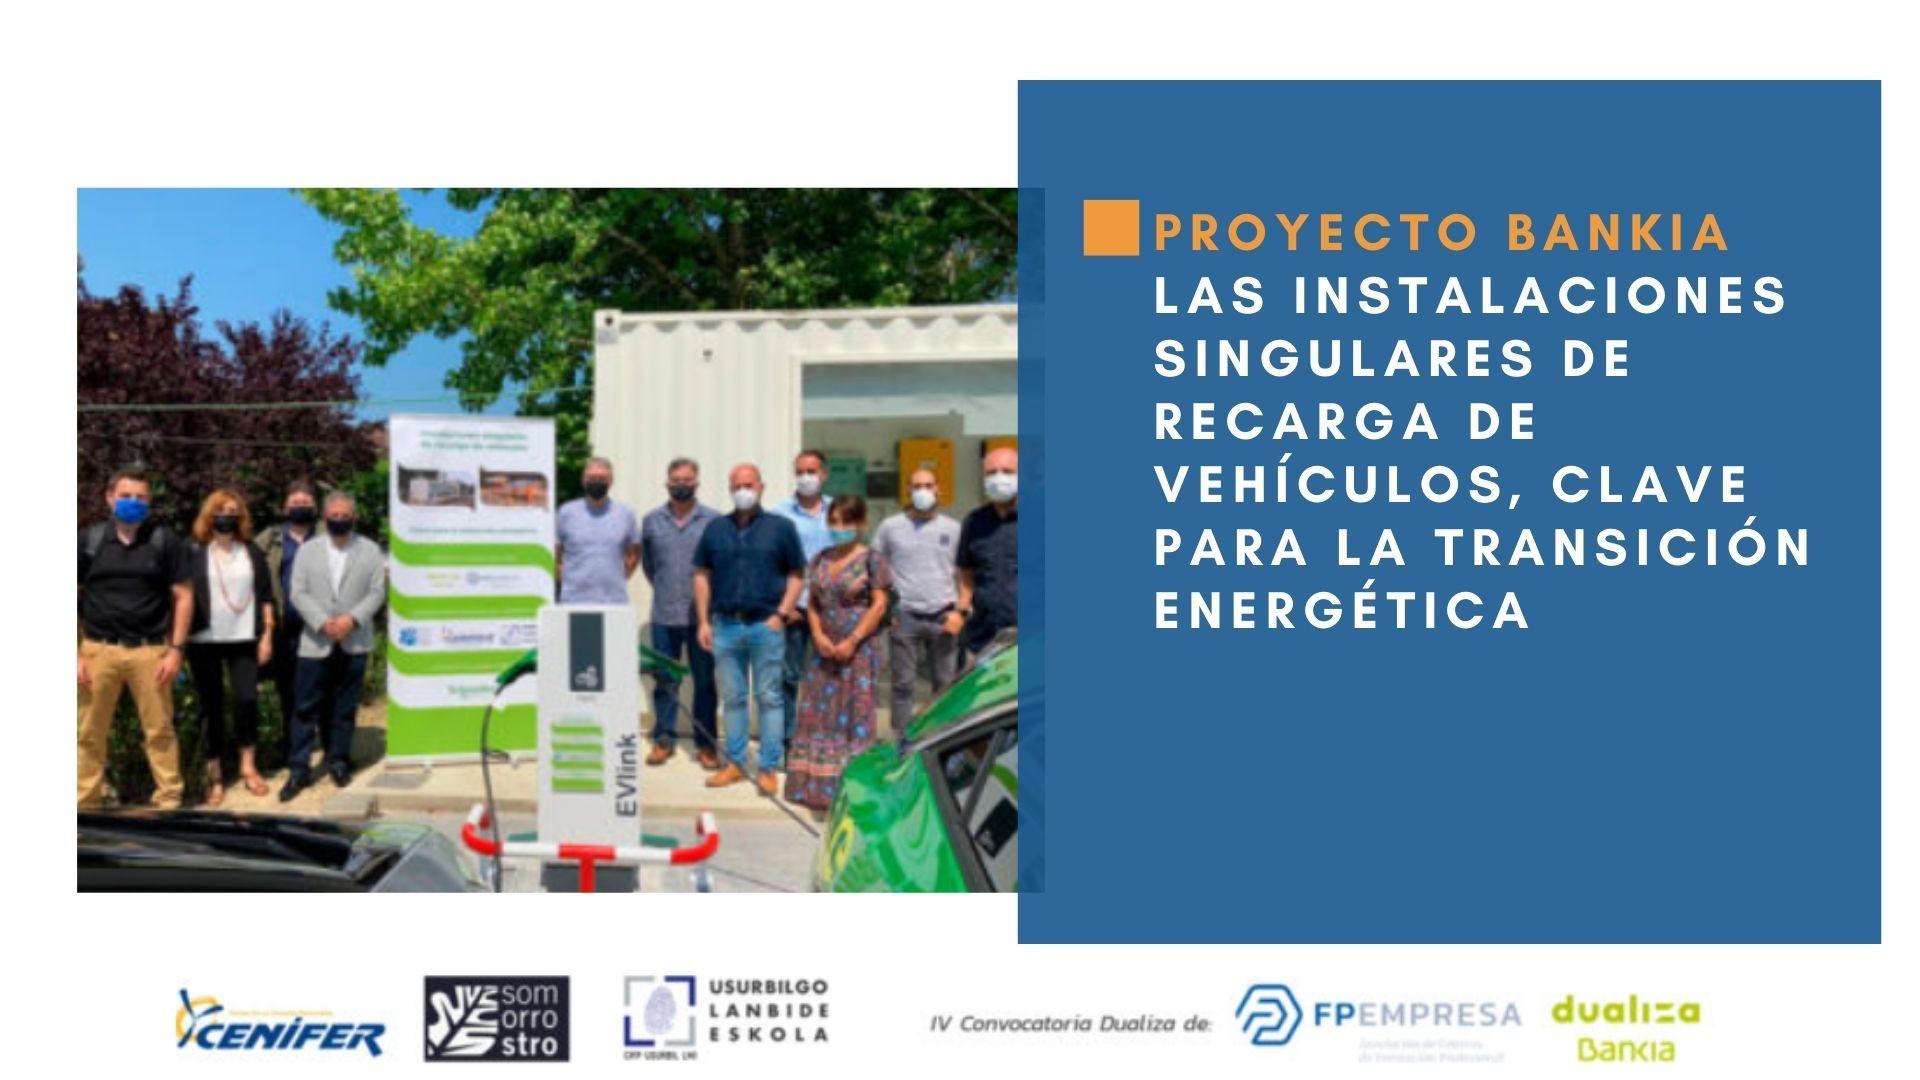 Cenifer -Proyecto-Las instalaciones singulares de recarga de vehículos, clave para la transición energética